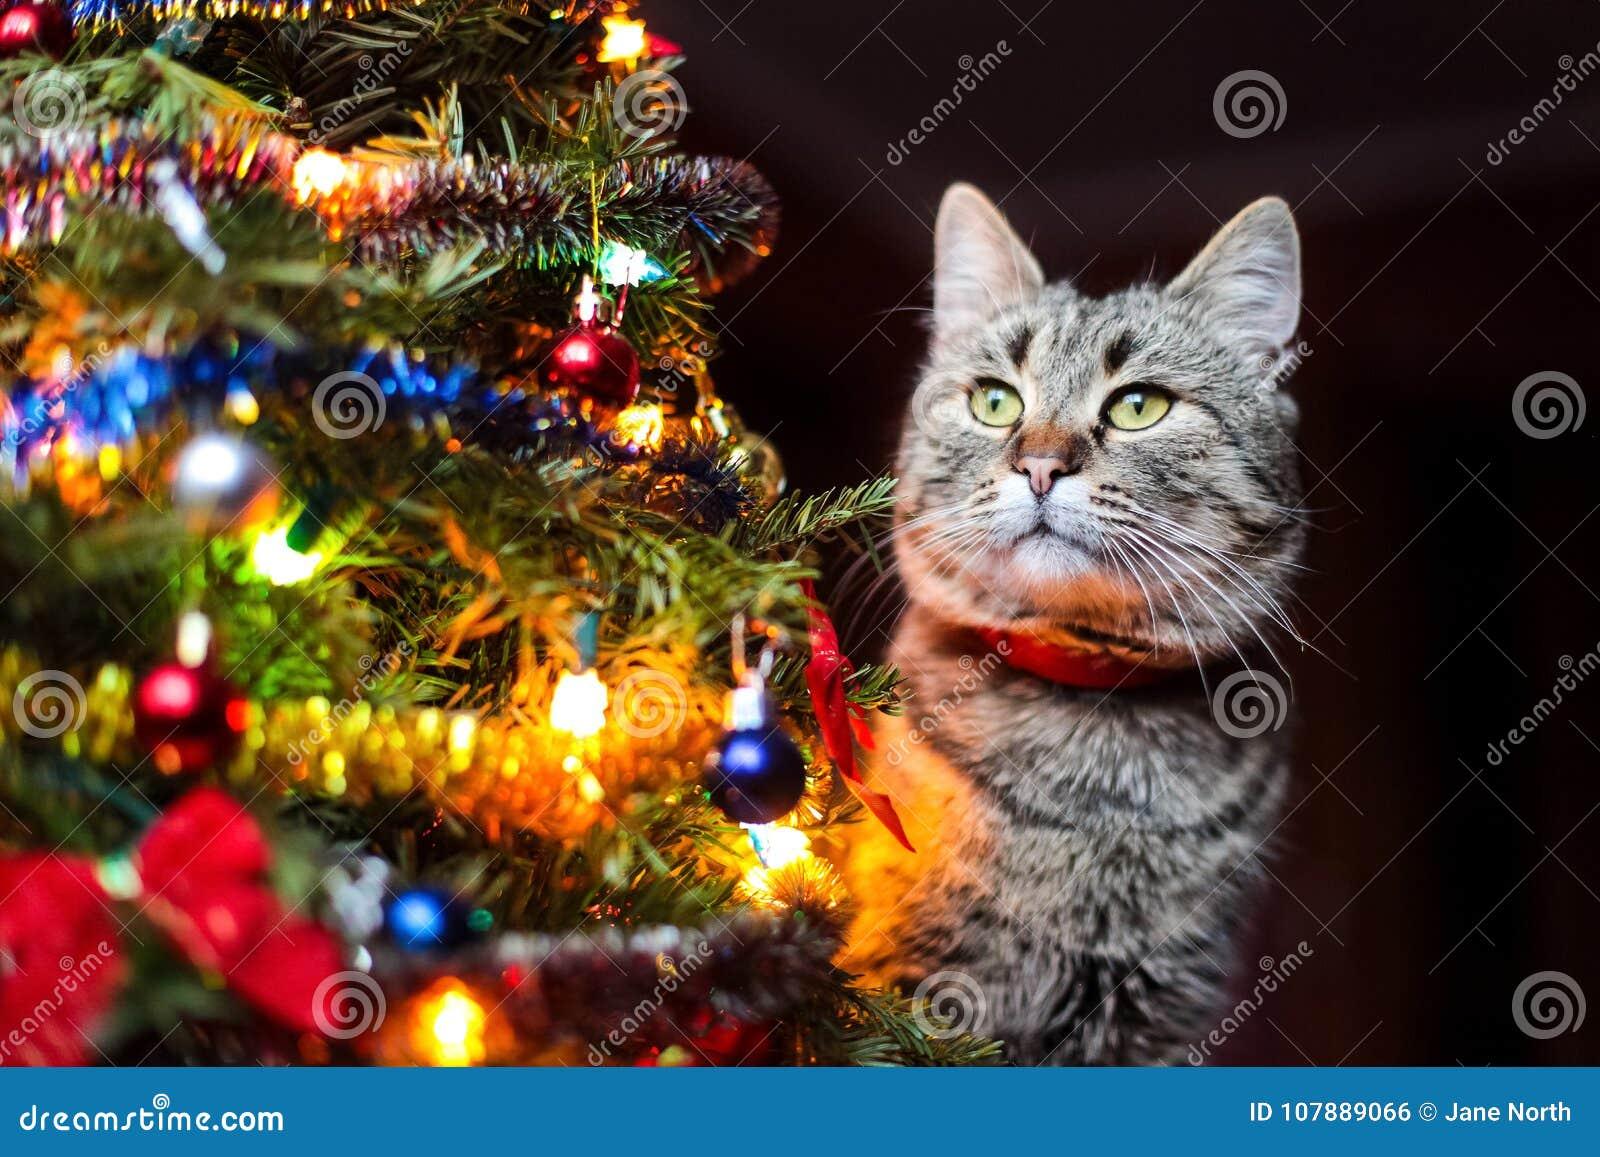 Decorazioni Per Casa Di Natale : Gatto con i regali di natale i giocattoli e le decorazioni per un